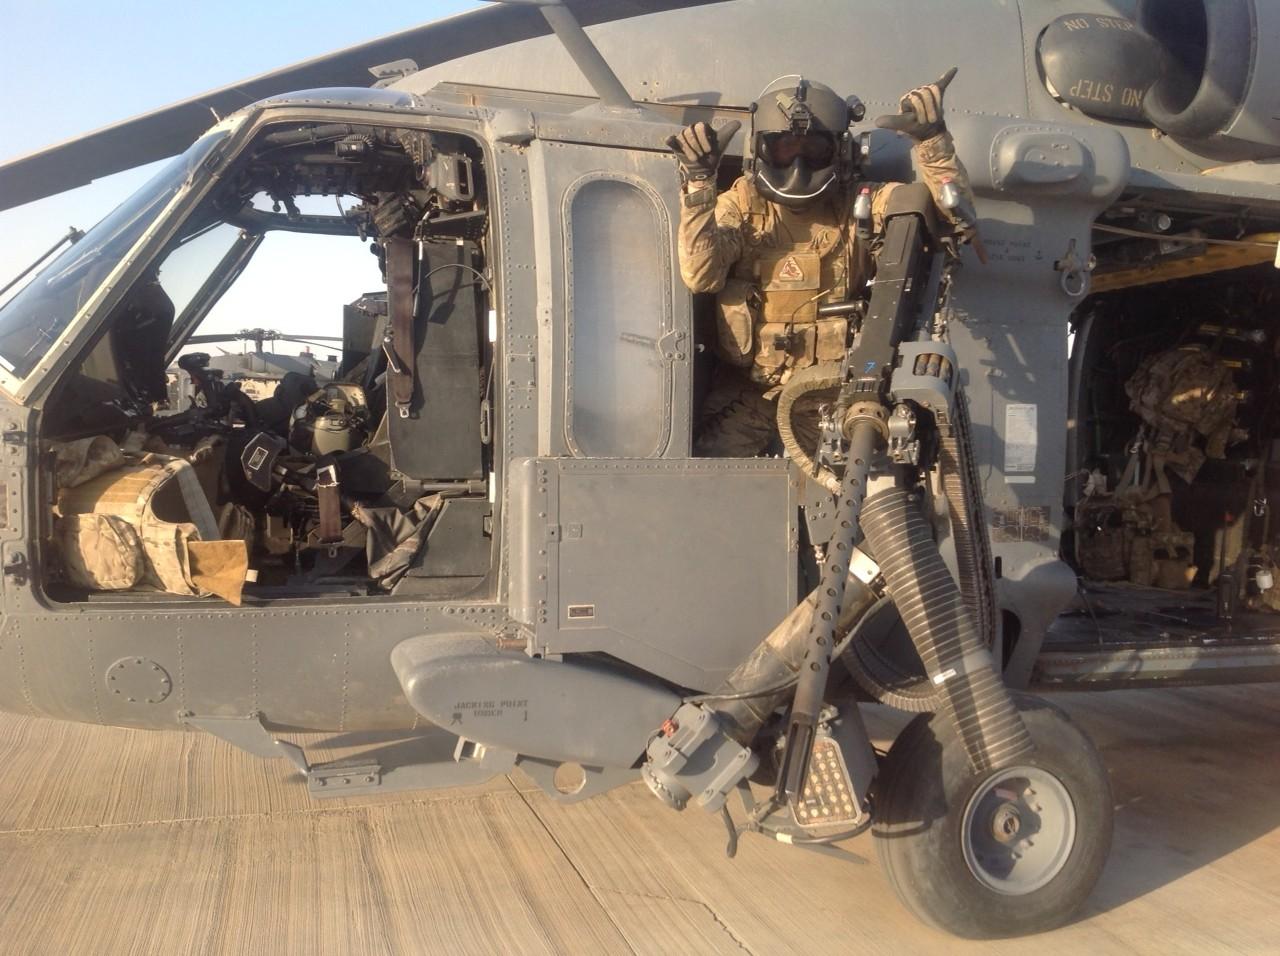 Pararescue-machine gunner